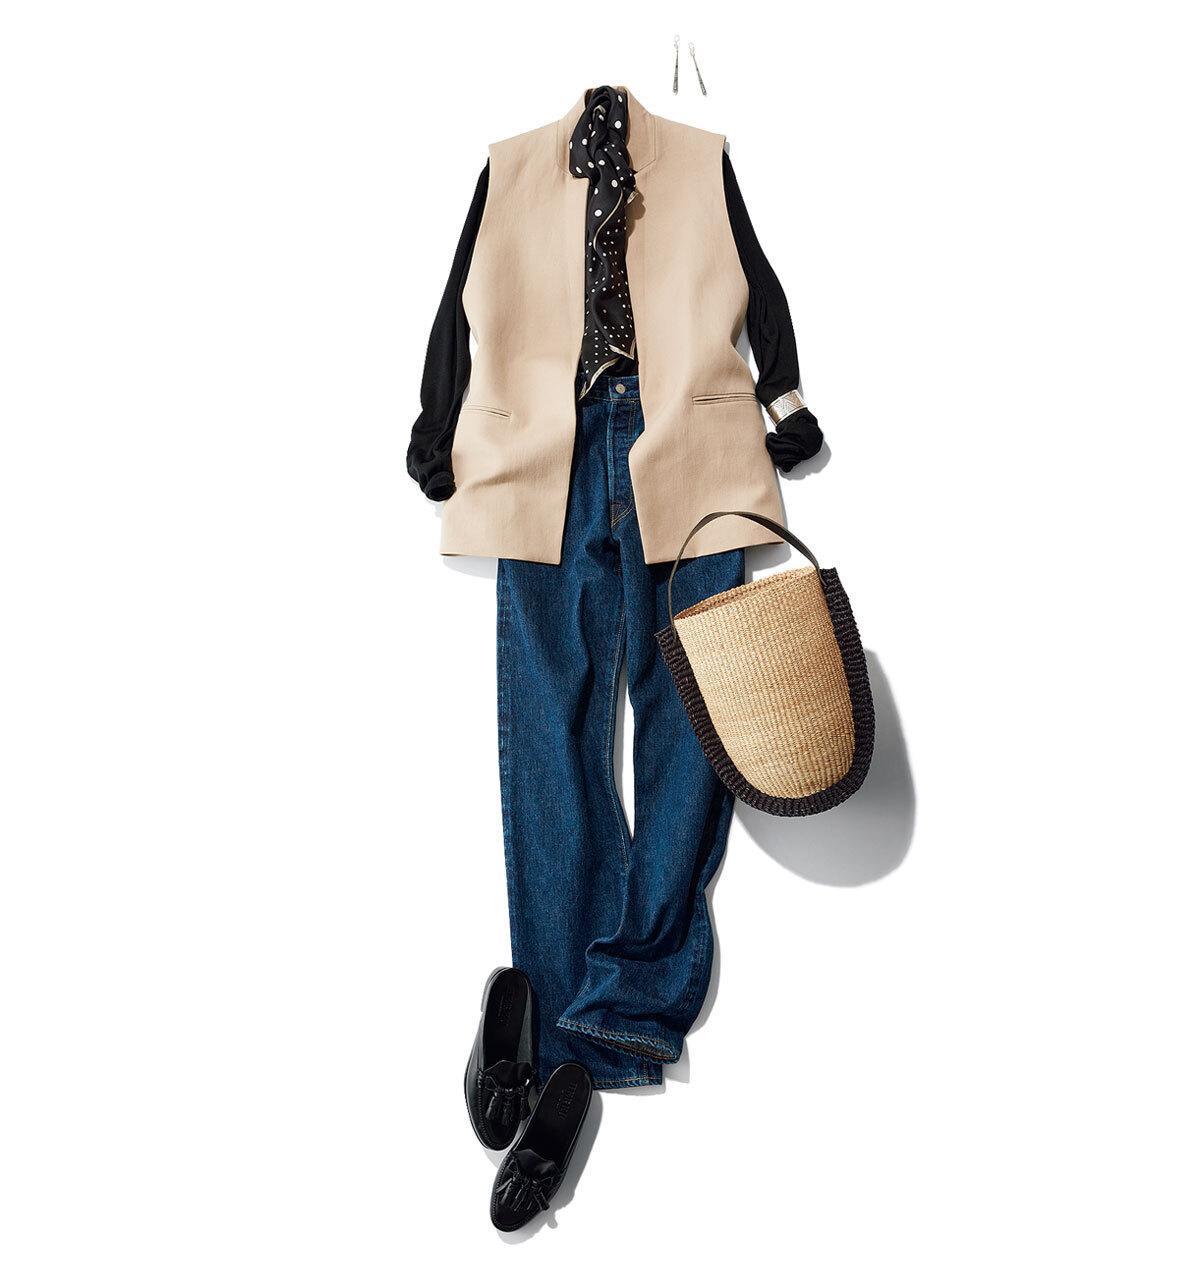 ジレを投入して夏コーデを刷新!シンプルコーデを格上げするジレの取り入れ方 40代ファッション_1_7